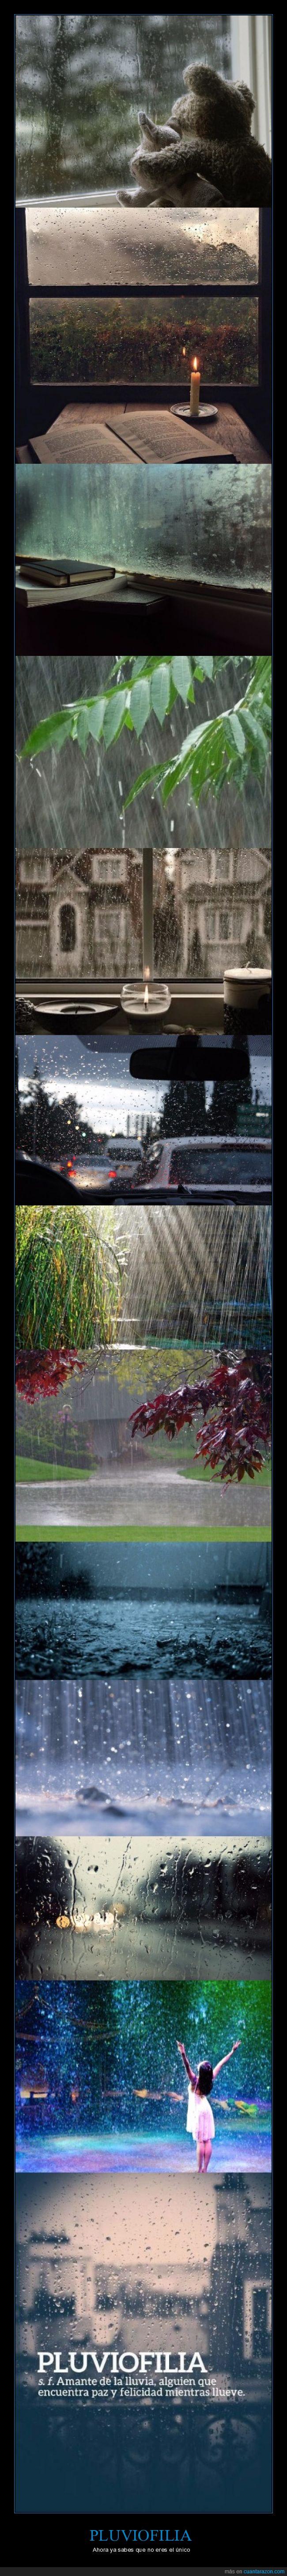 felicidad,lluvia,lluviofilia,placer,pluviofilia